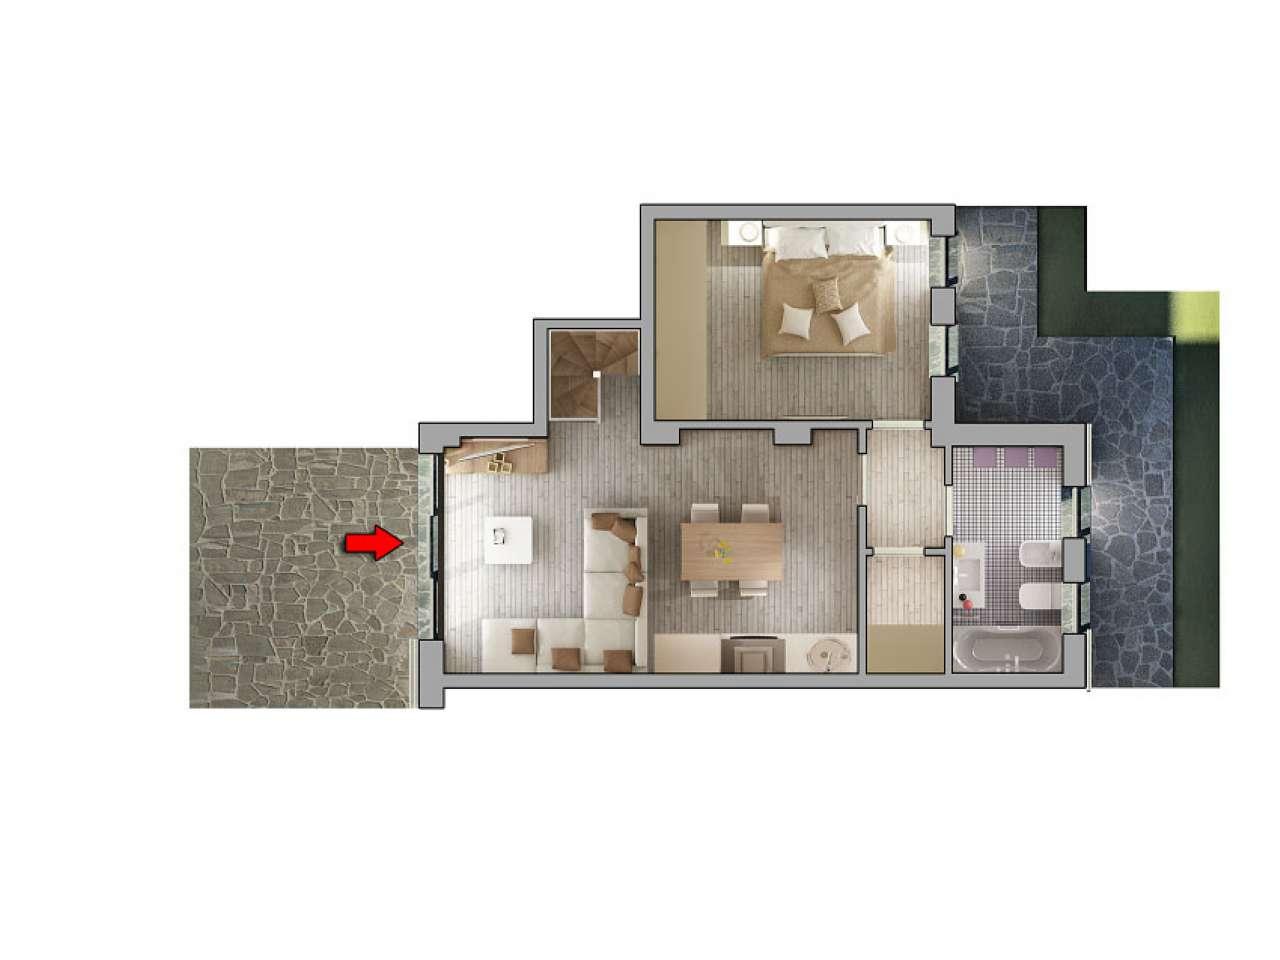 Appartamento in vendita a Andora, 2 locali, prezzo € 395.000 | PortaleAgenzieImmobiliari.it